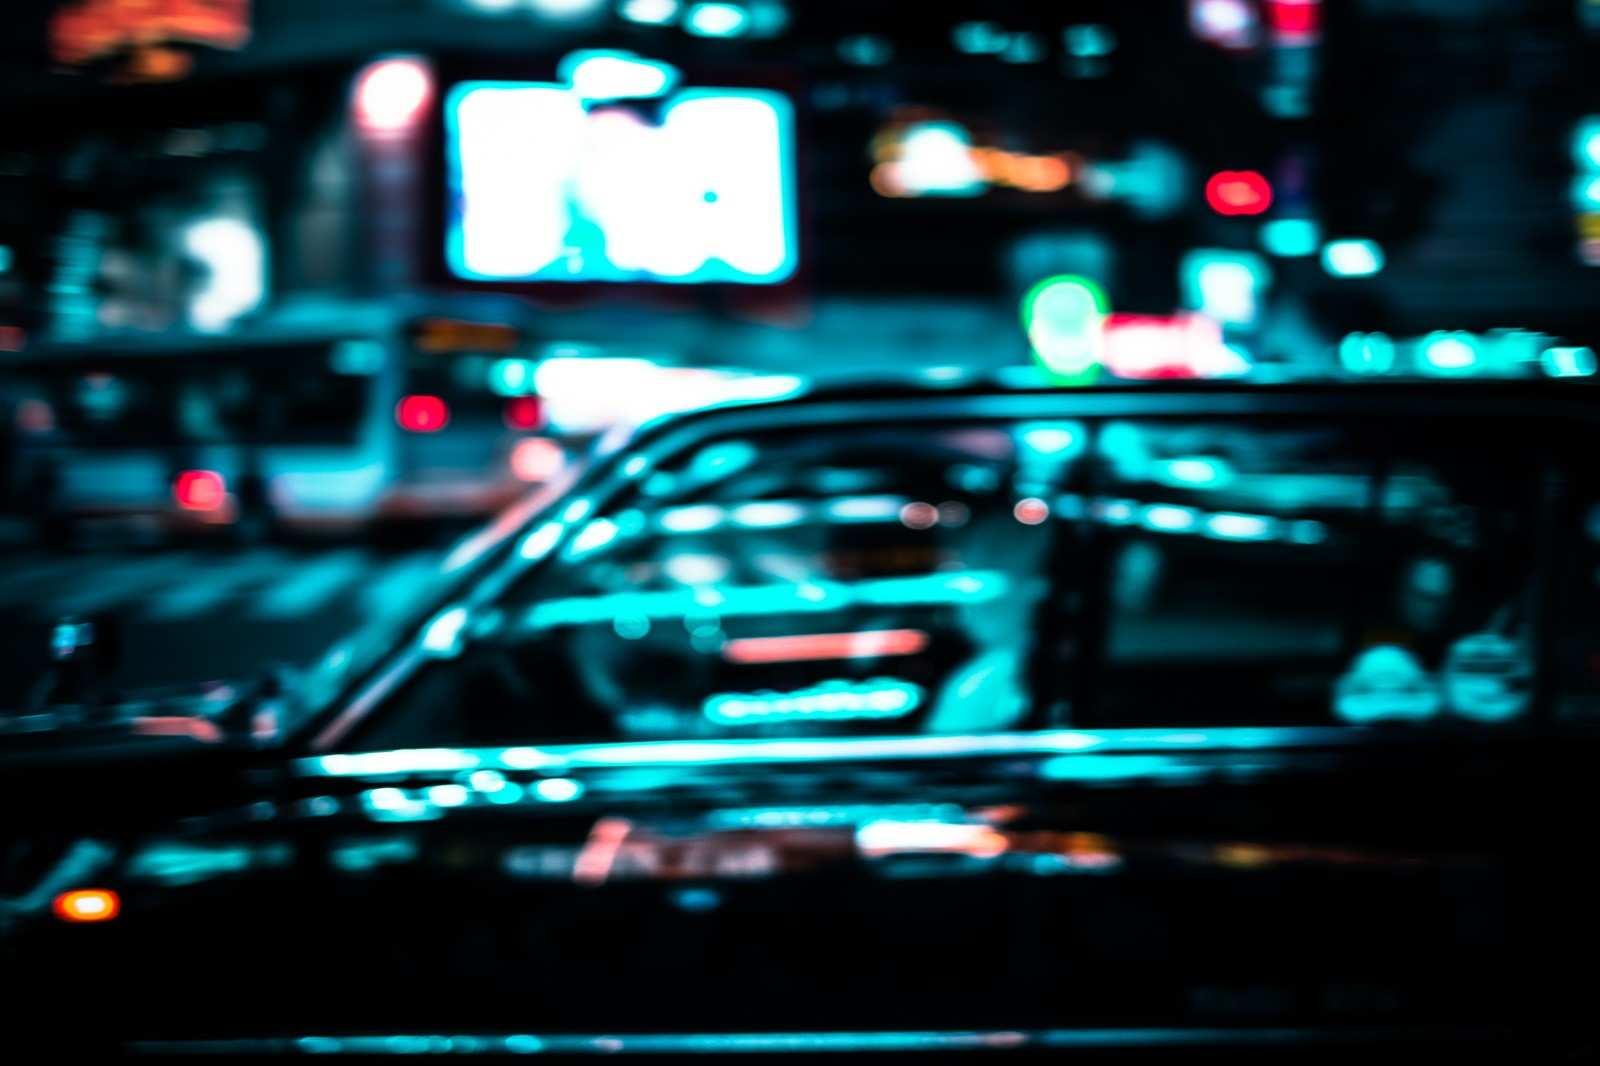 タクシーの怖い話『タクシーを拾う男』|厳選・怖い話名作まとめ